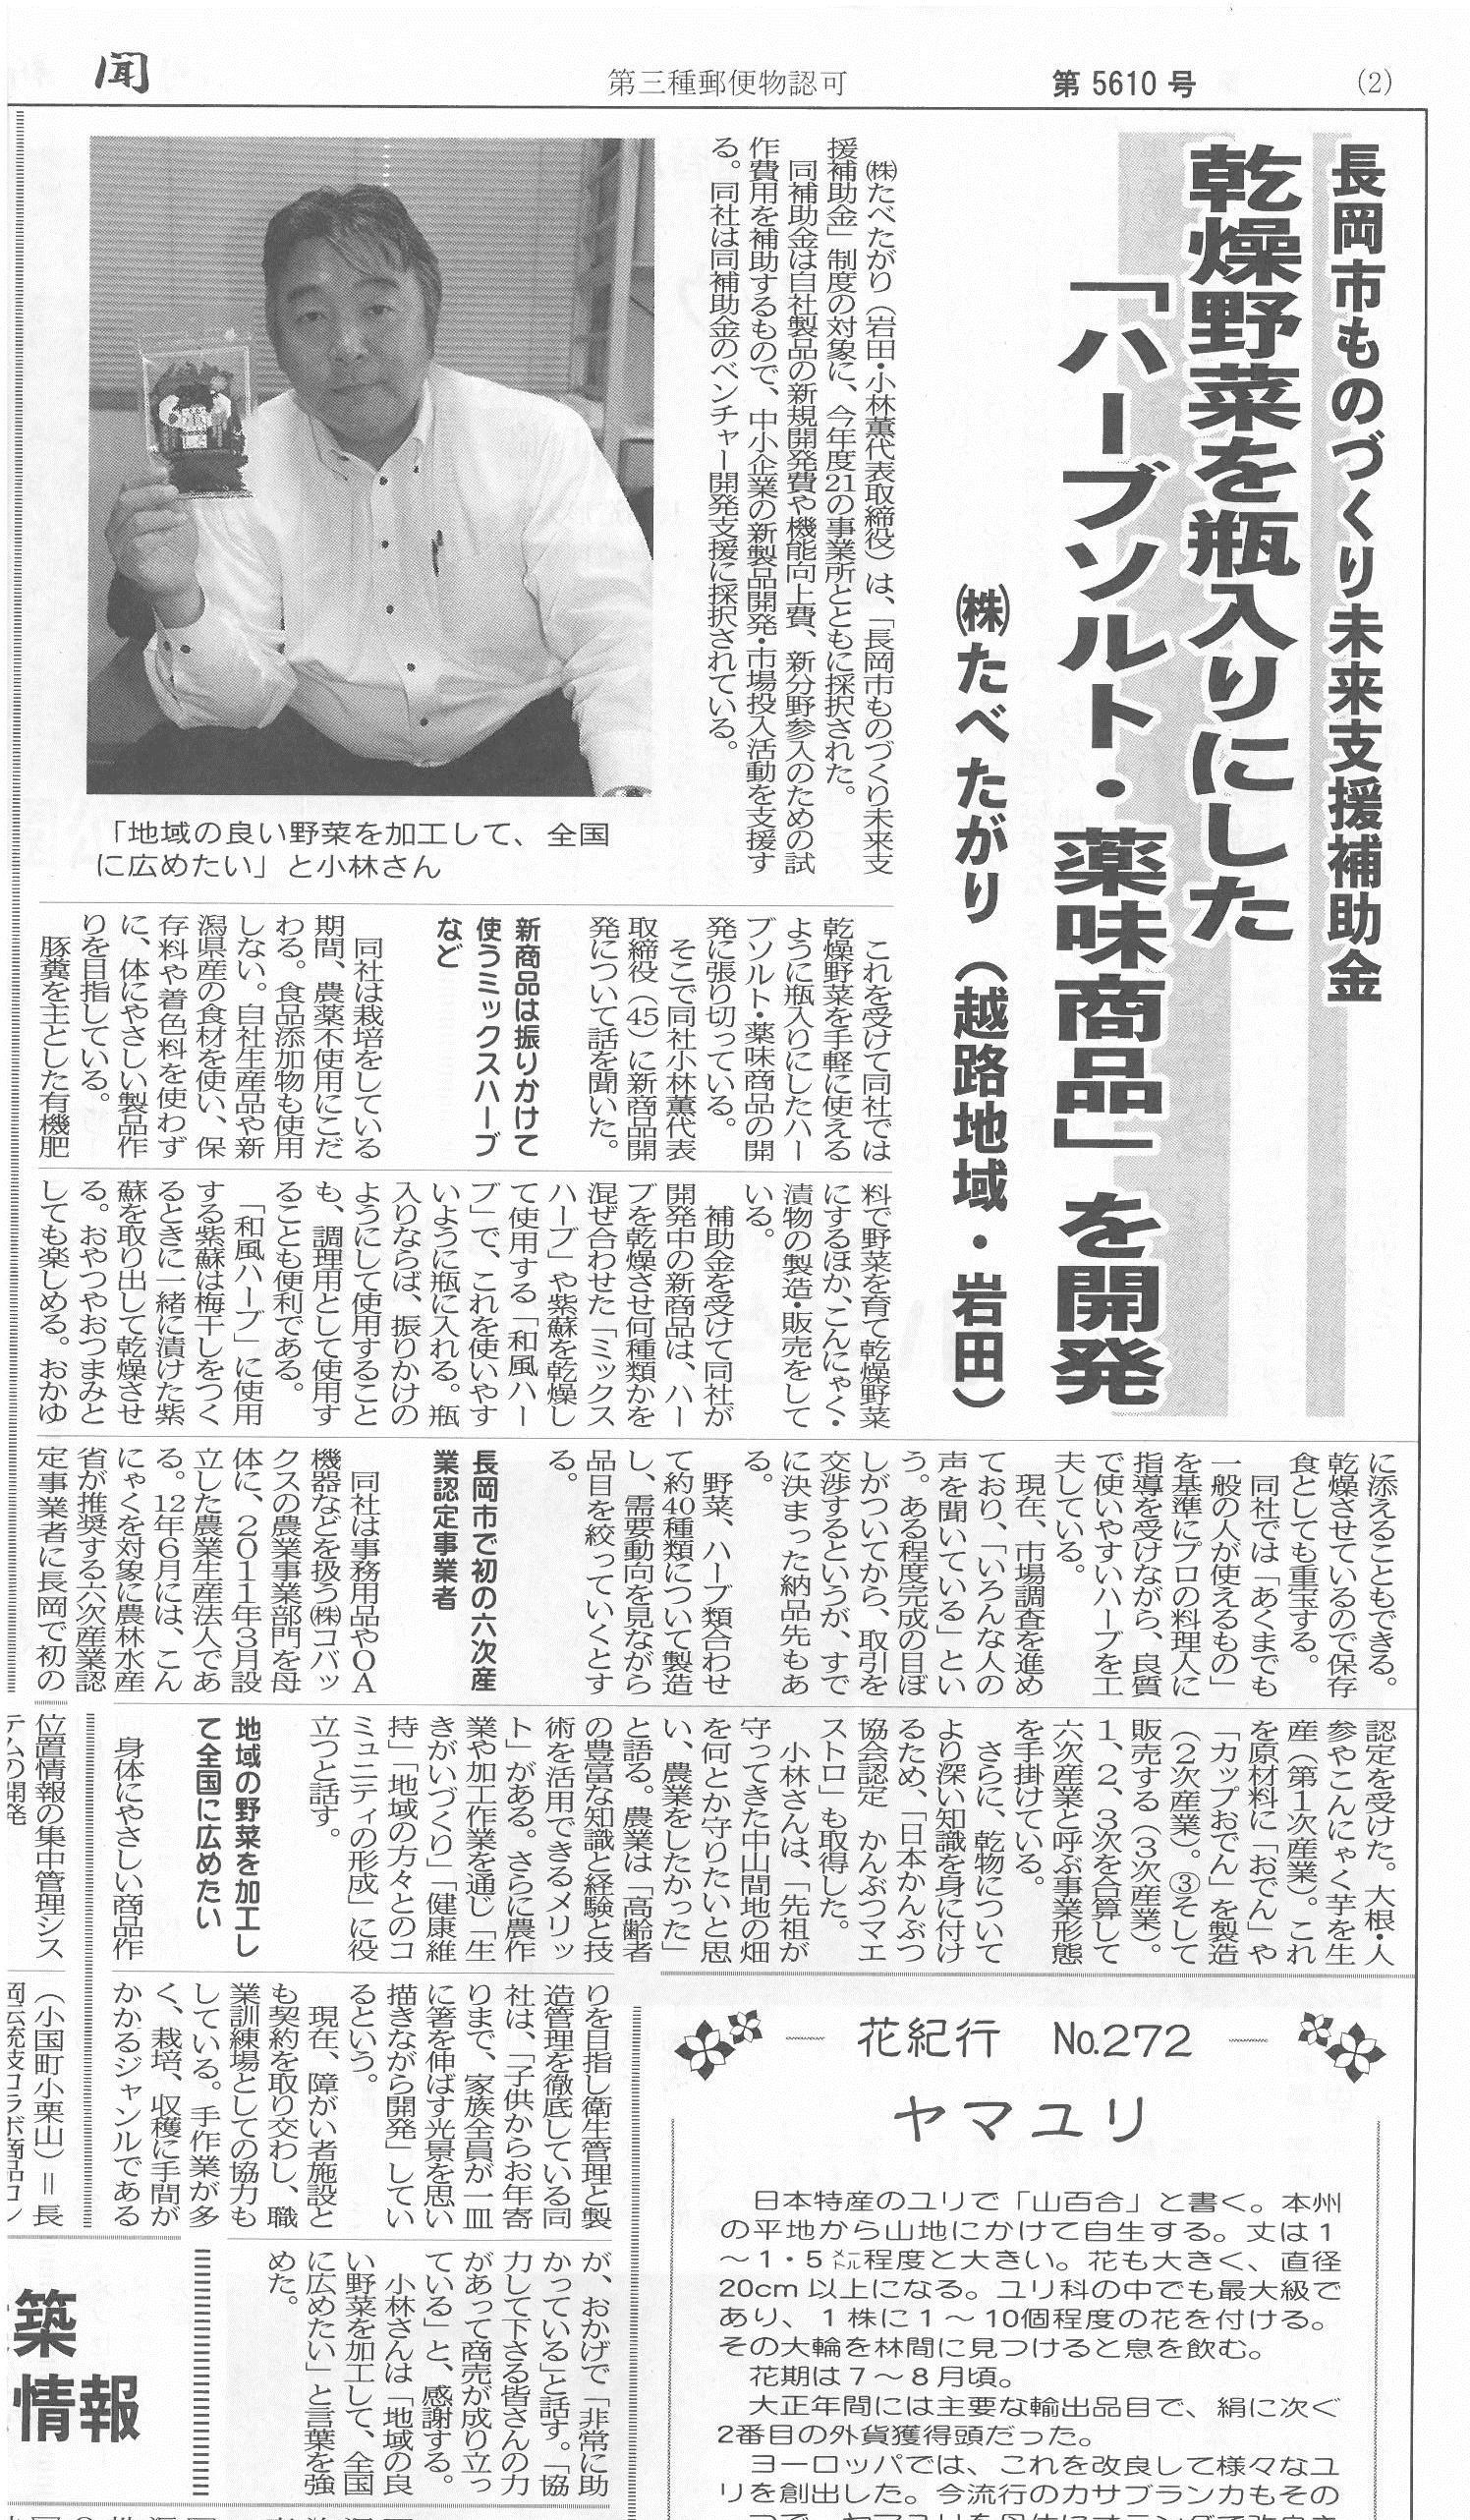 『長岡新聞』2016年9月24日